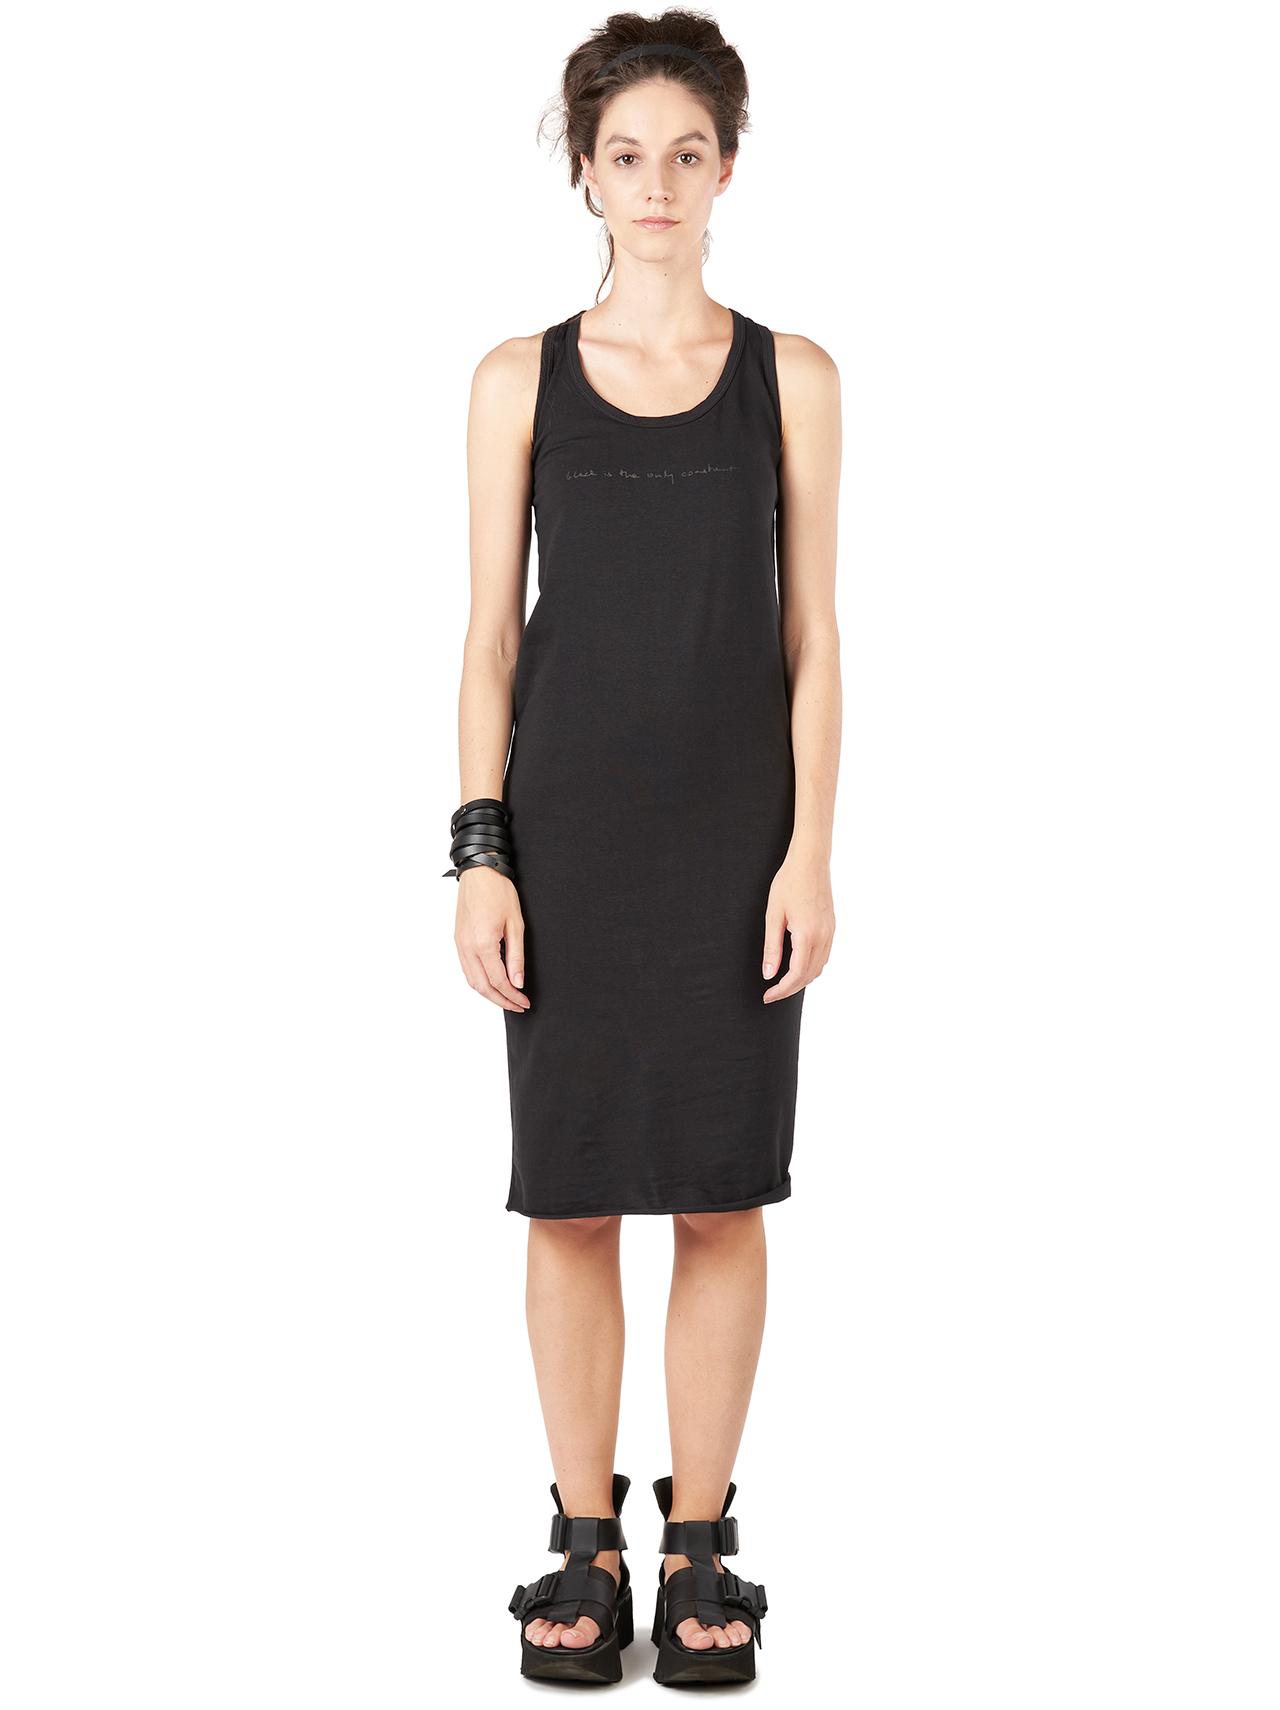 LITHIA dress